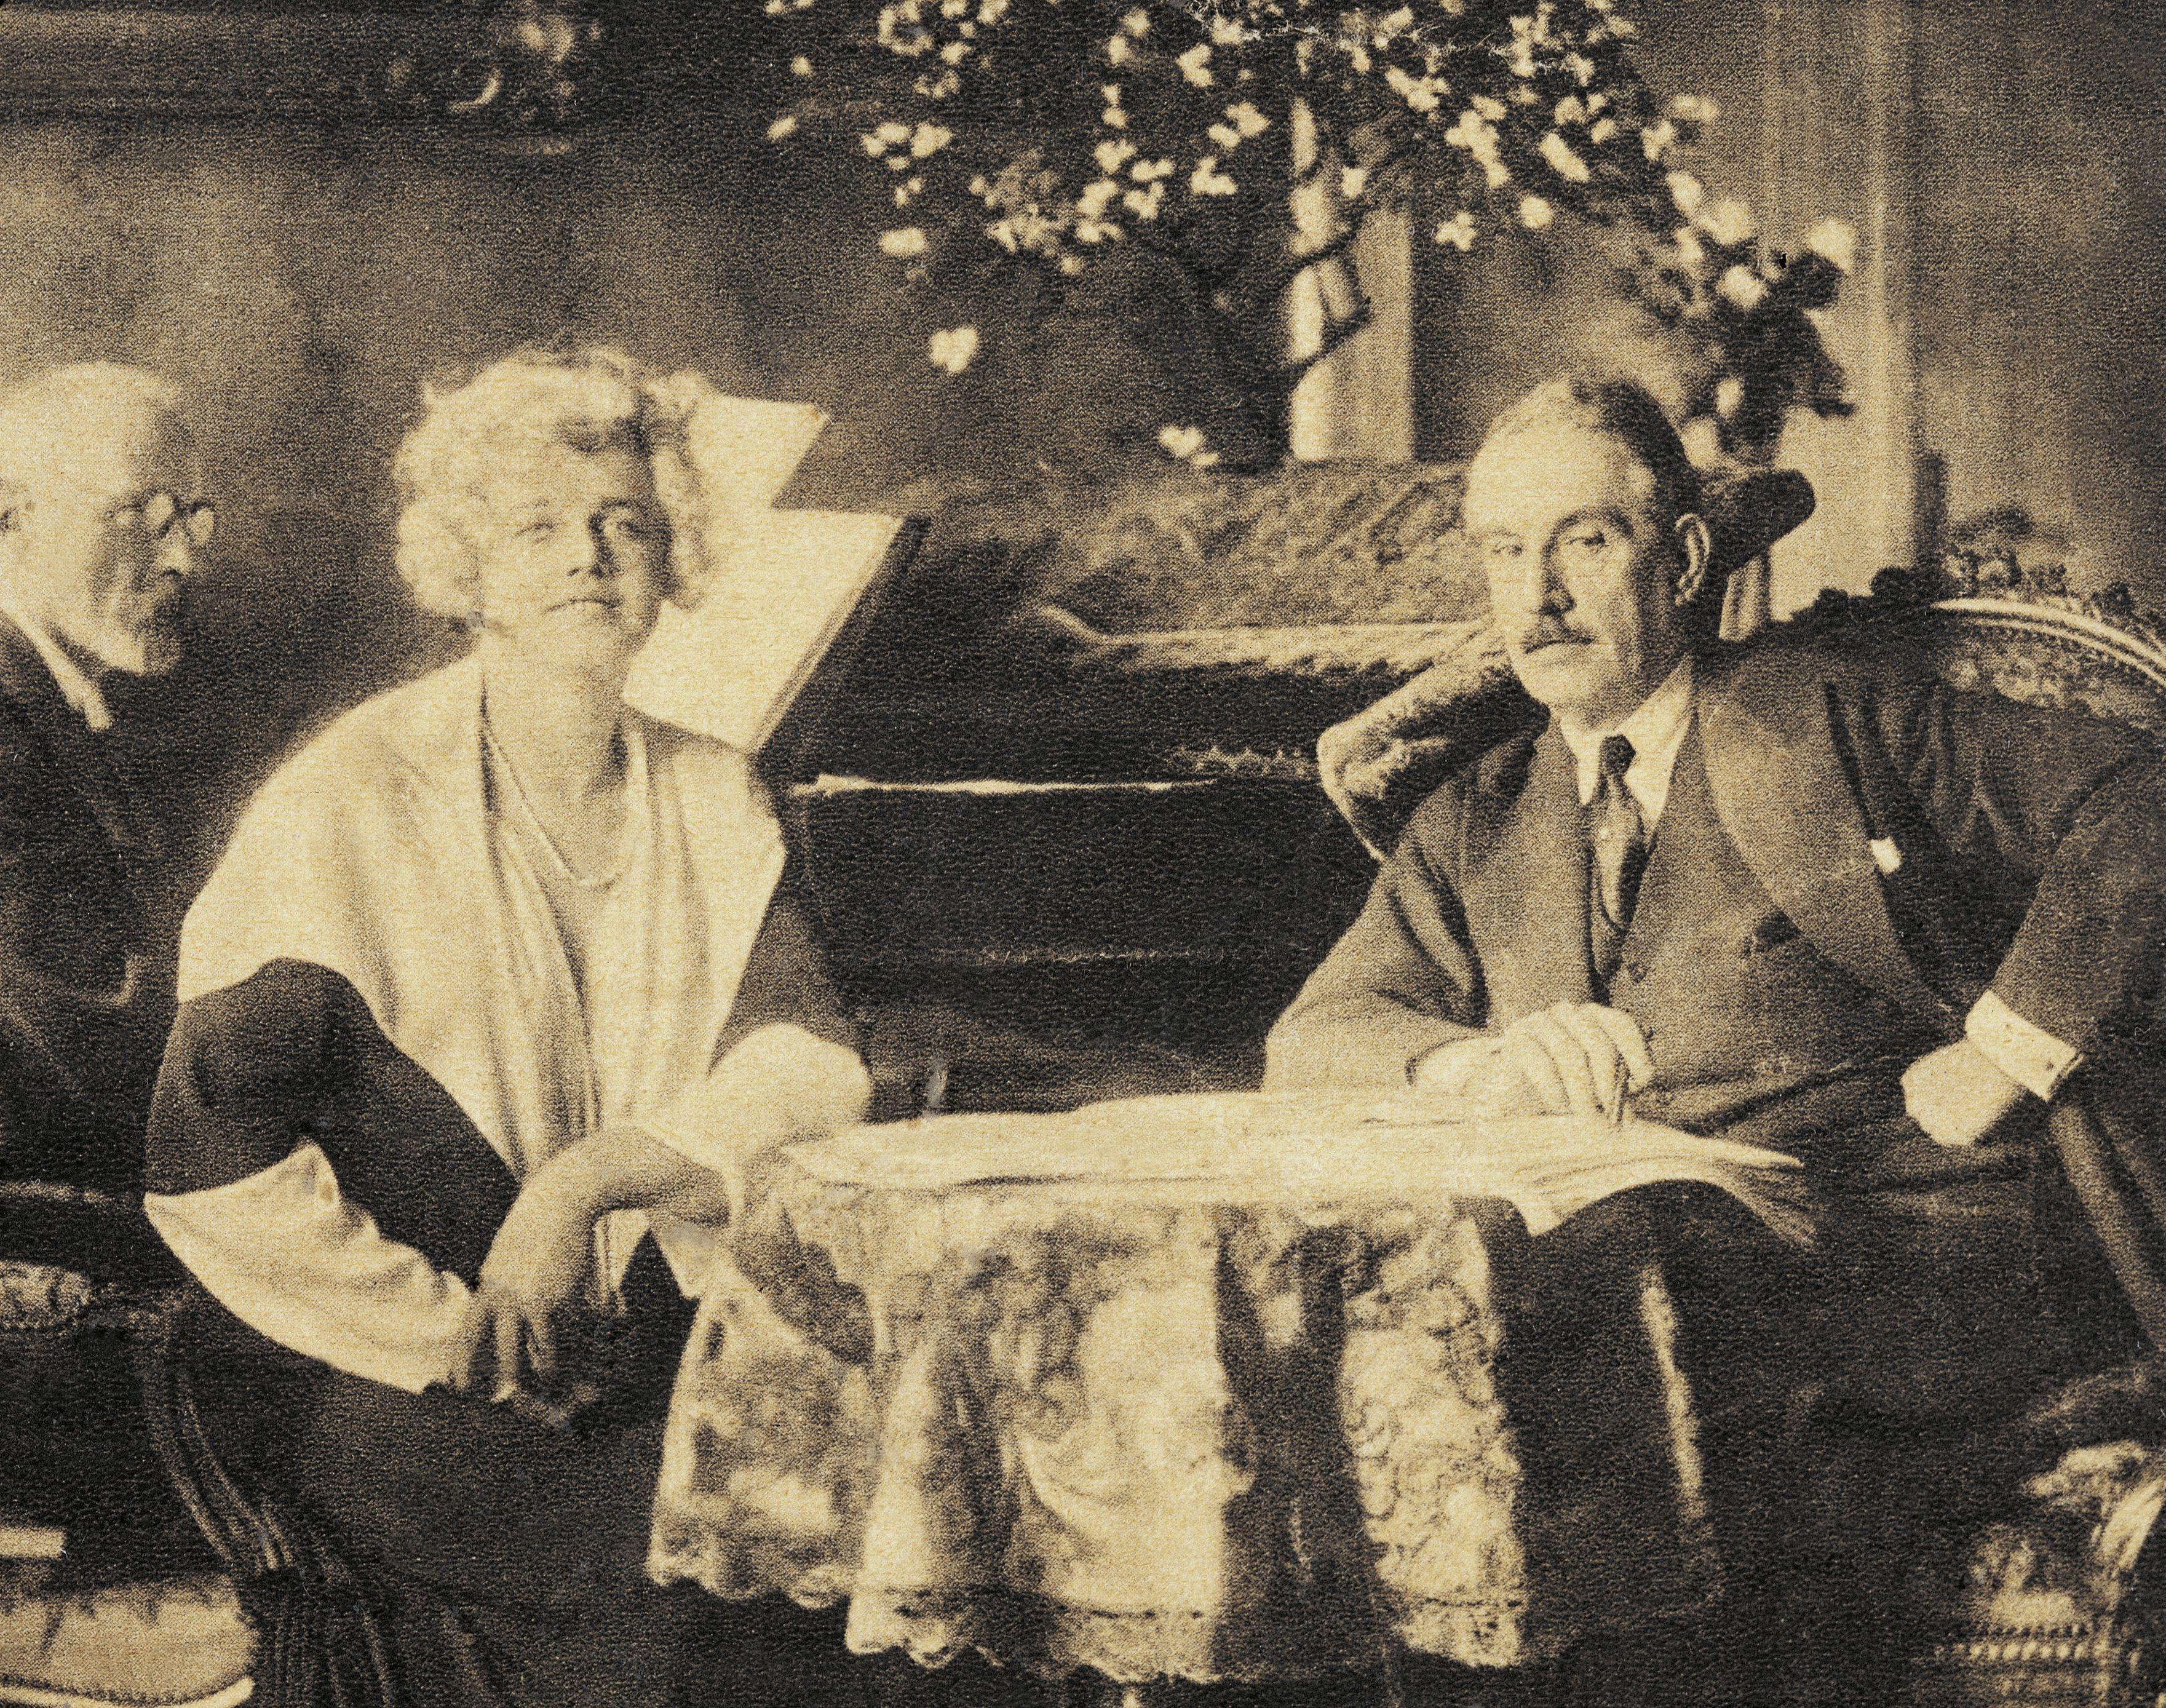 The Italian composer Giacomo Puccini in Vienna with the Czech soprano Maria Jeritza